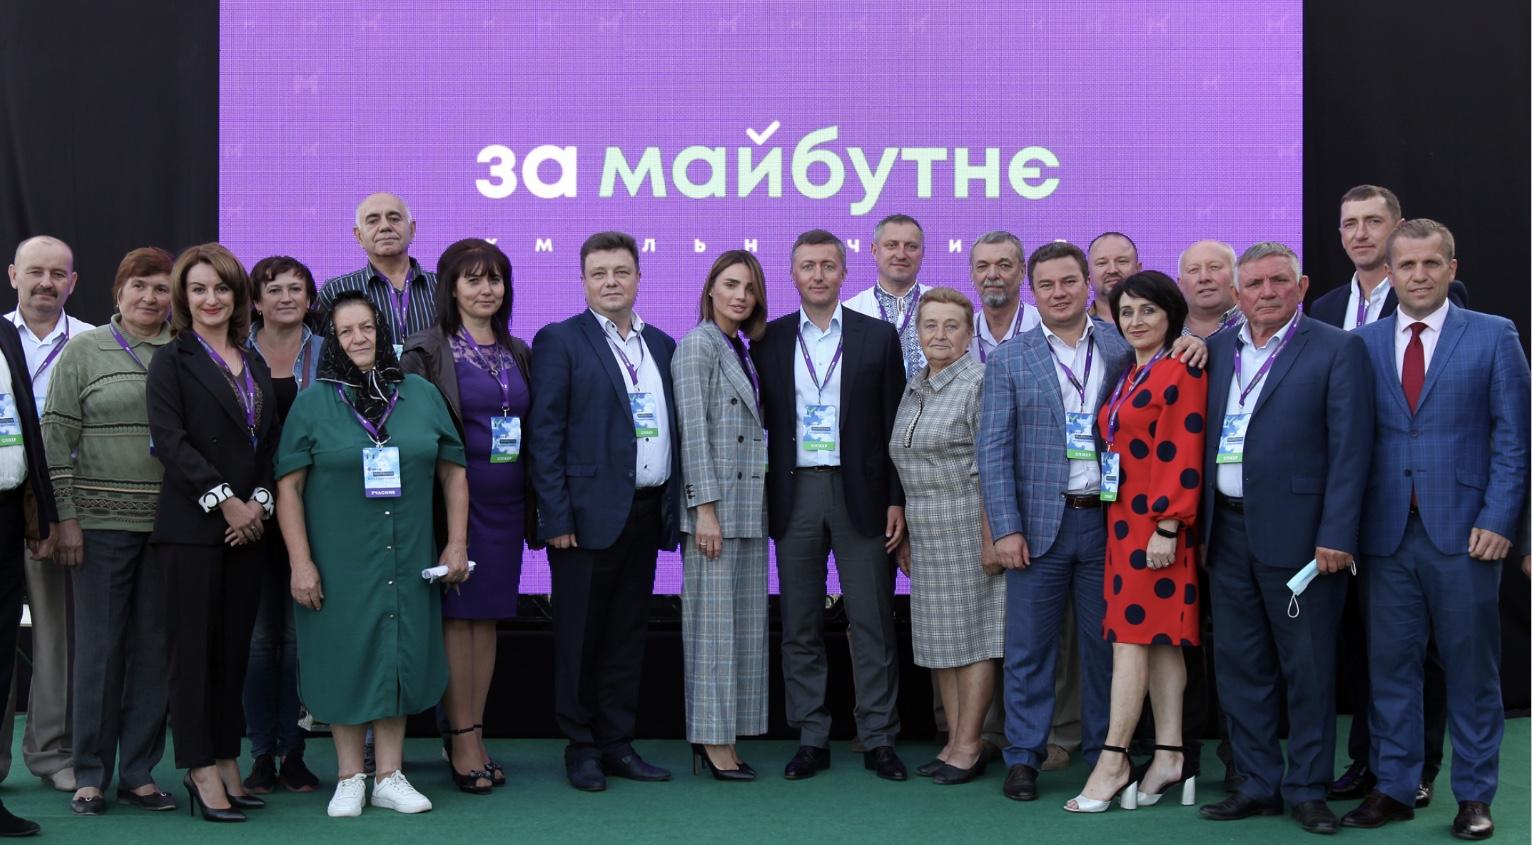 Віолета Лабазюк: Жінки хочуть бути почутими і мати рівне представництво у владі